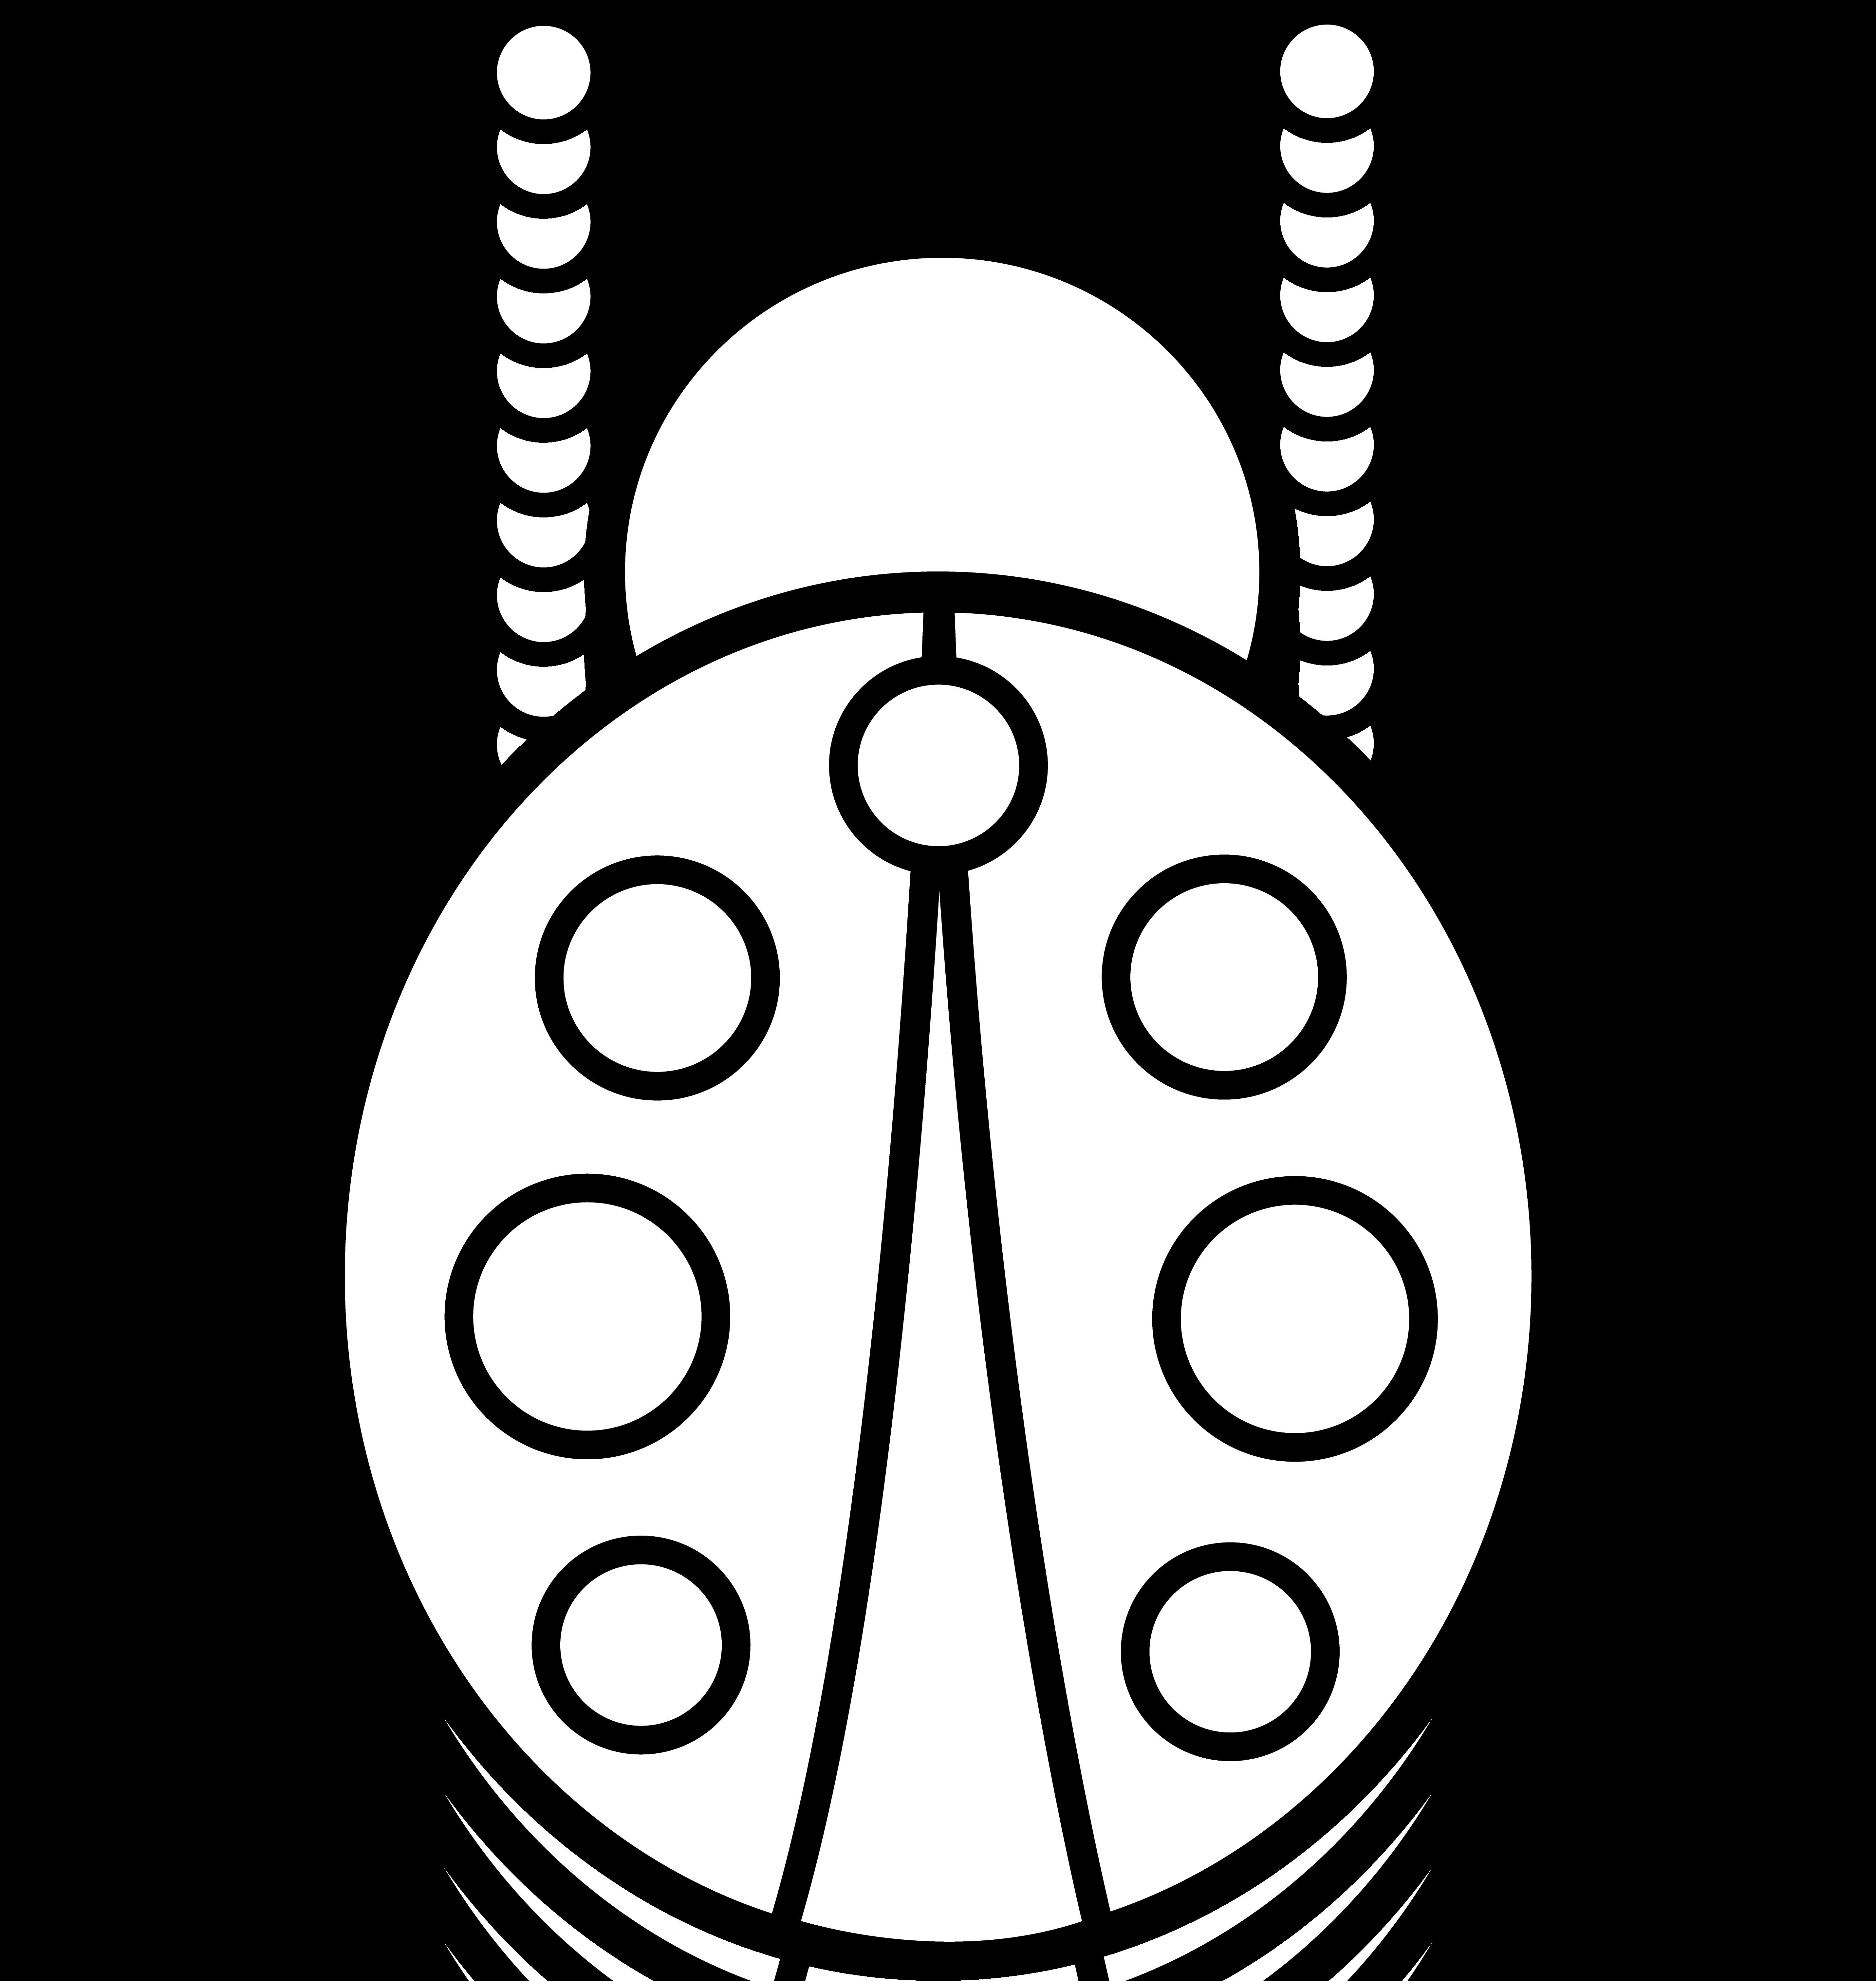 5729x6049 Drawn Ladybug Simple